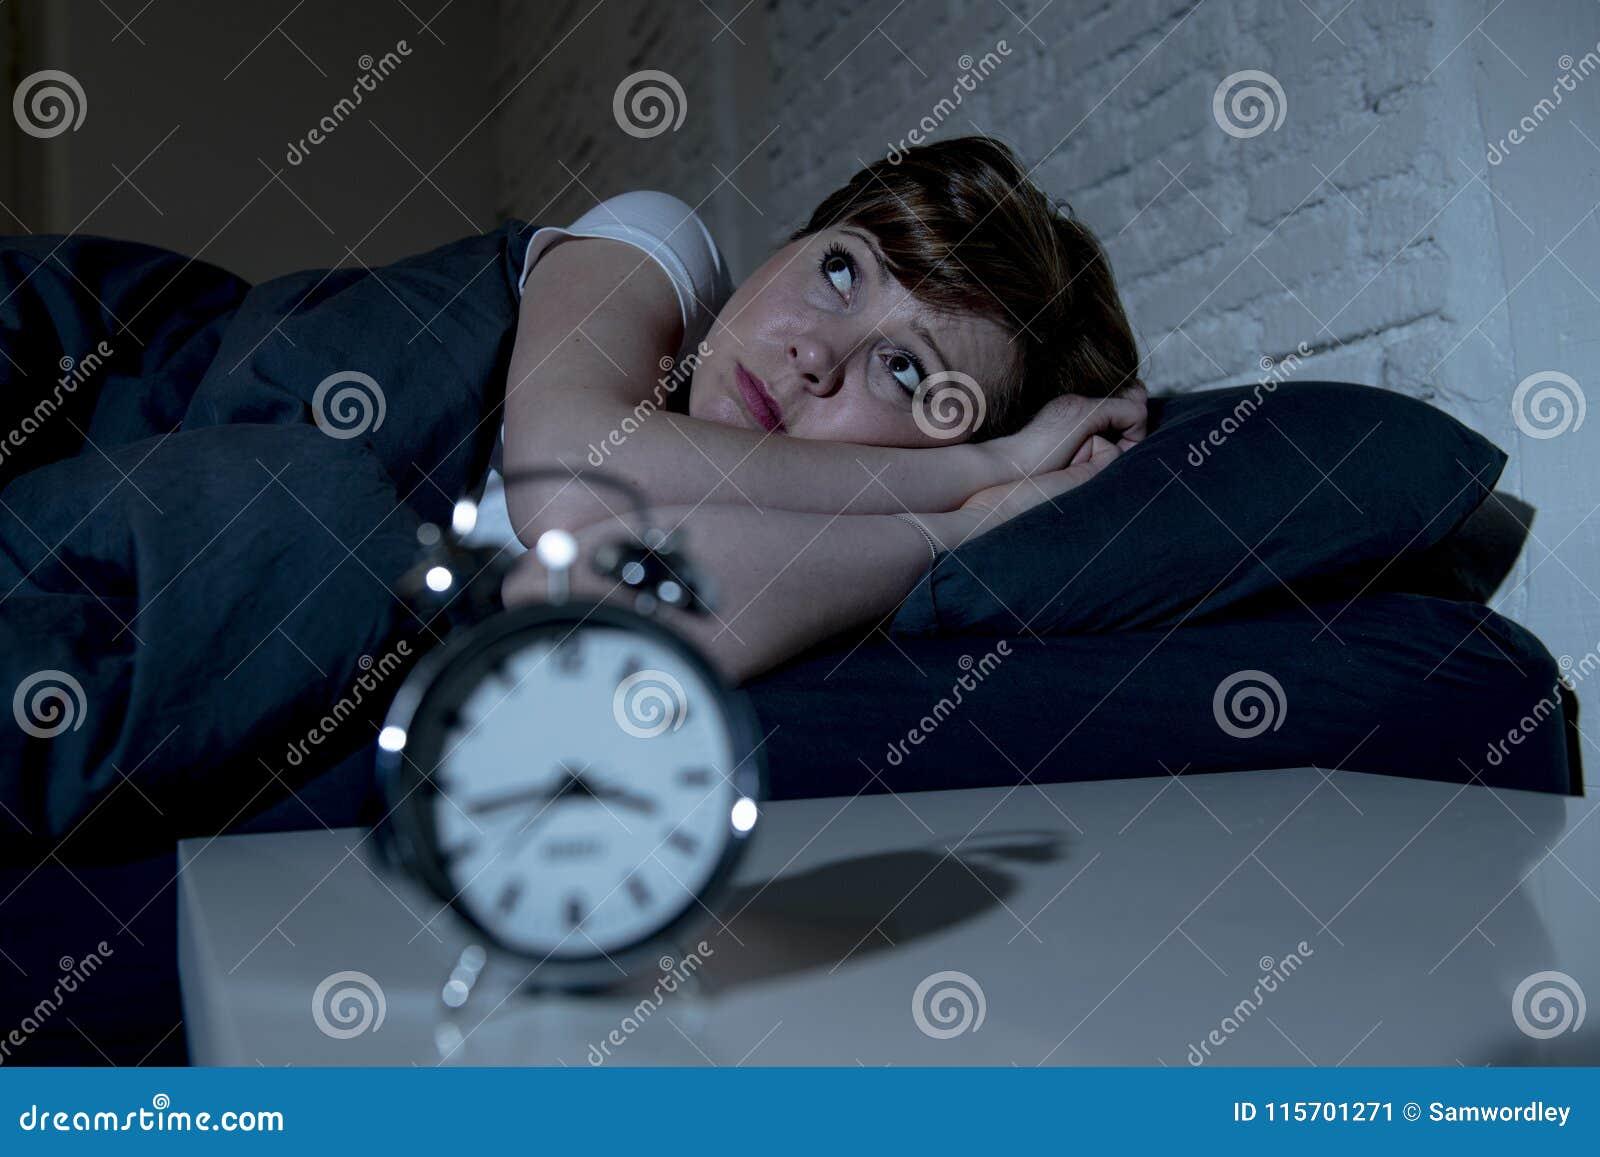 Jonge mooie vrouw die in bed laat bij nacht liggen die aan slapeloosheid lijden die aan slaap proberen